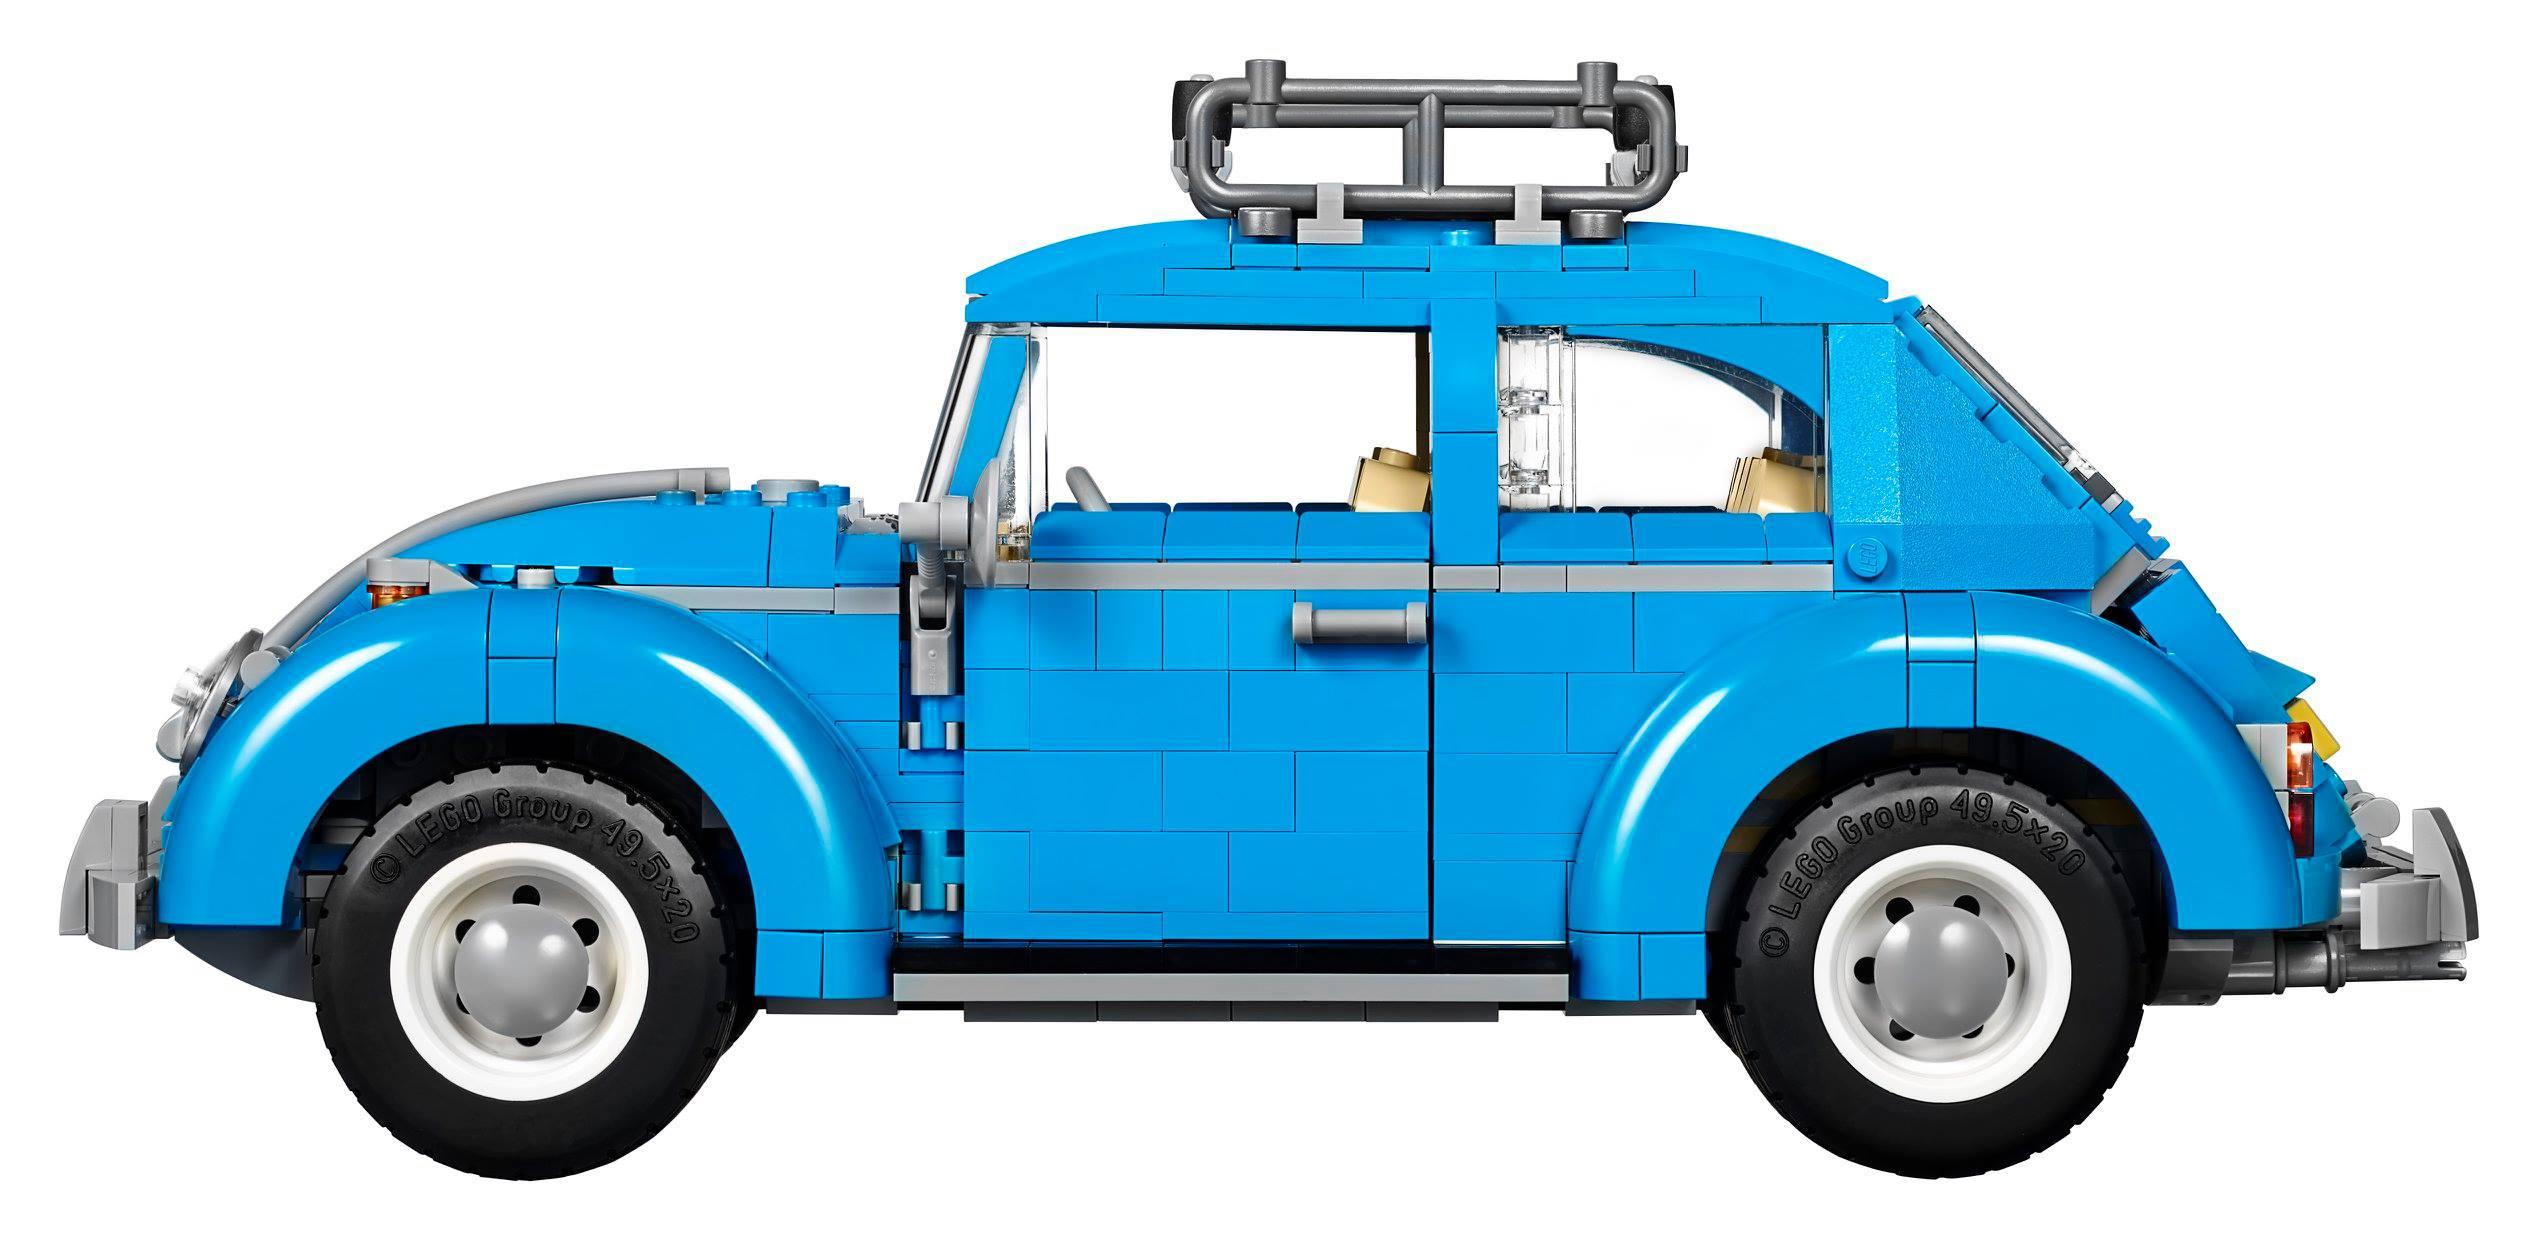 LEGO VW Käfer kommt!